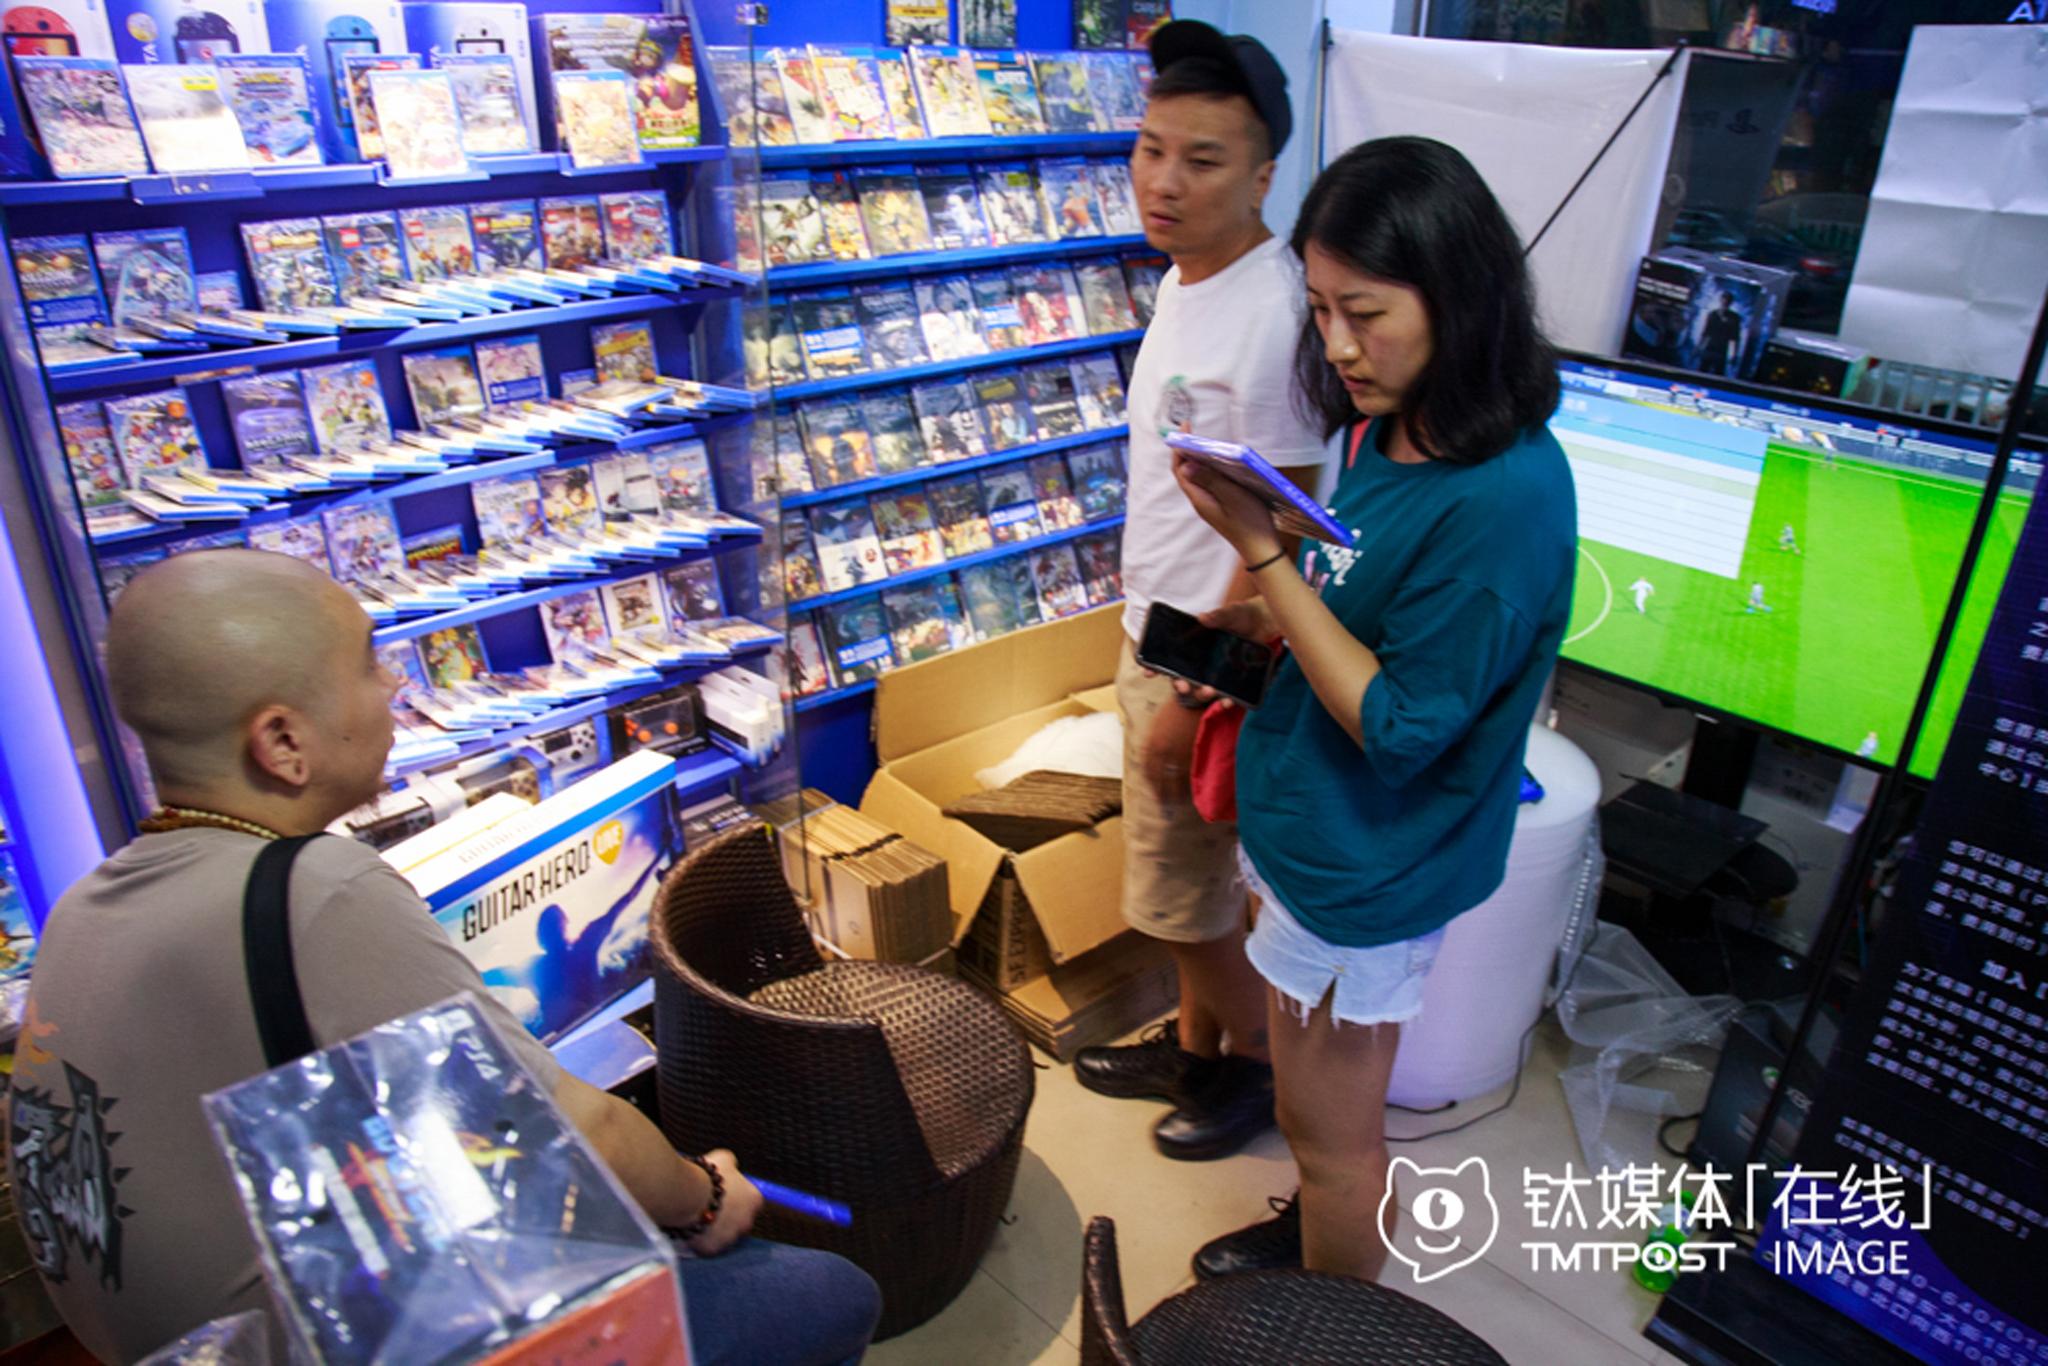 鼓楼大街开了十多年的电玩店,来的都是那些作为老玩家的熟客,以70和80后为主,店内产品基本从国外进口,一张游戏碟均价300多元,国产销量低。